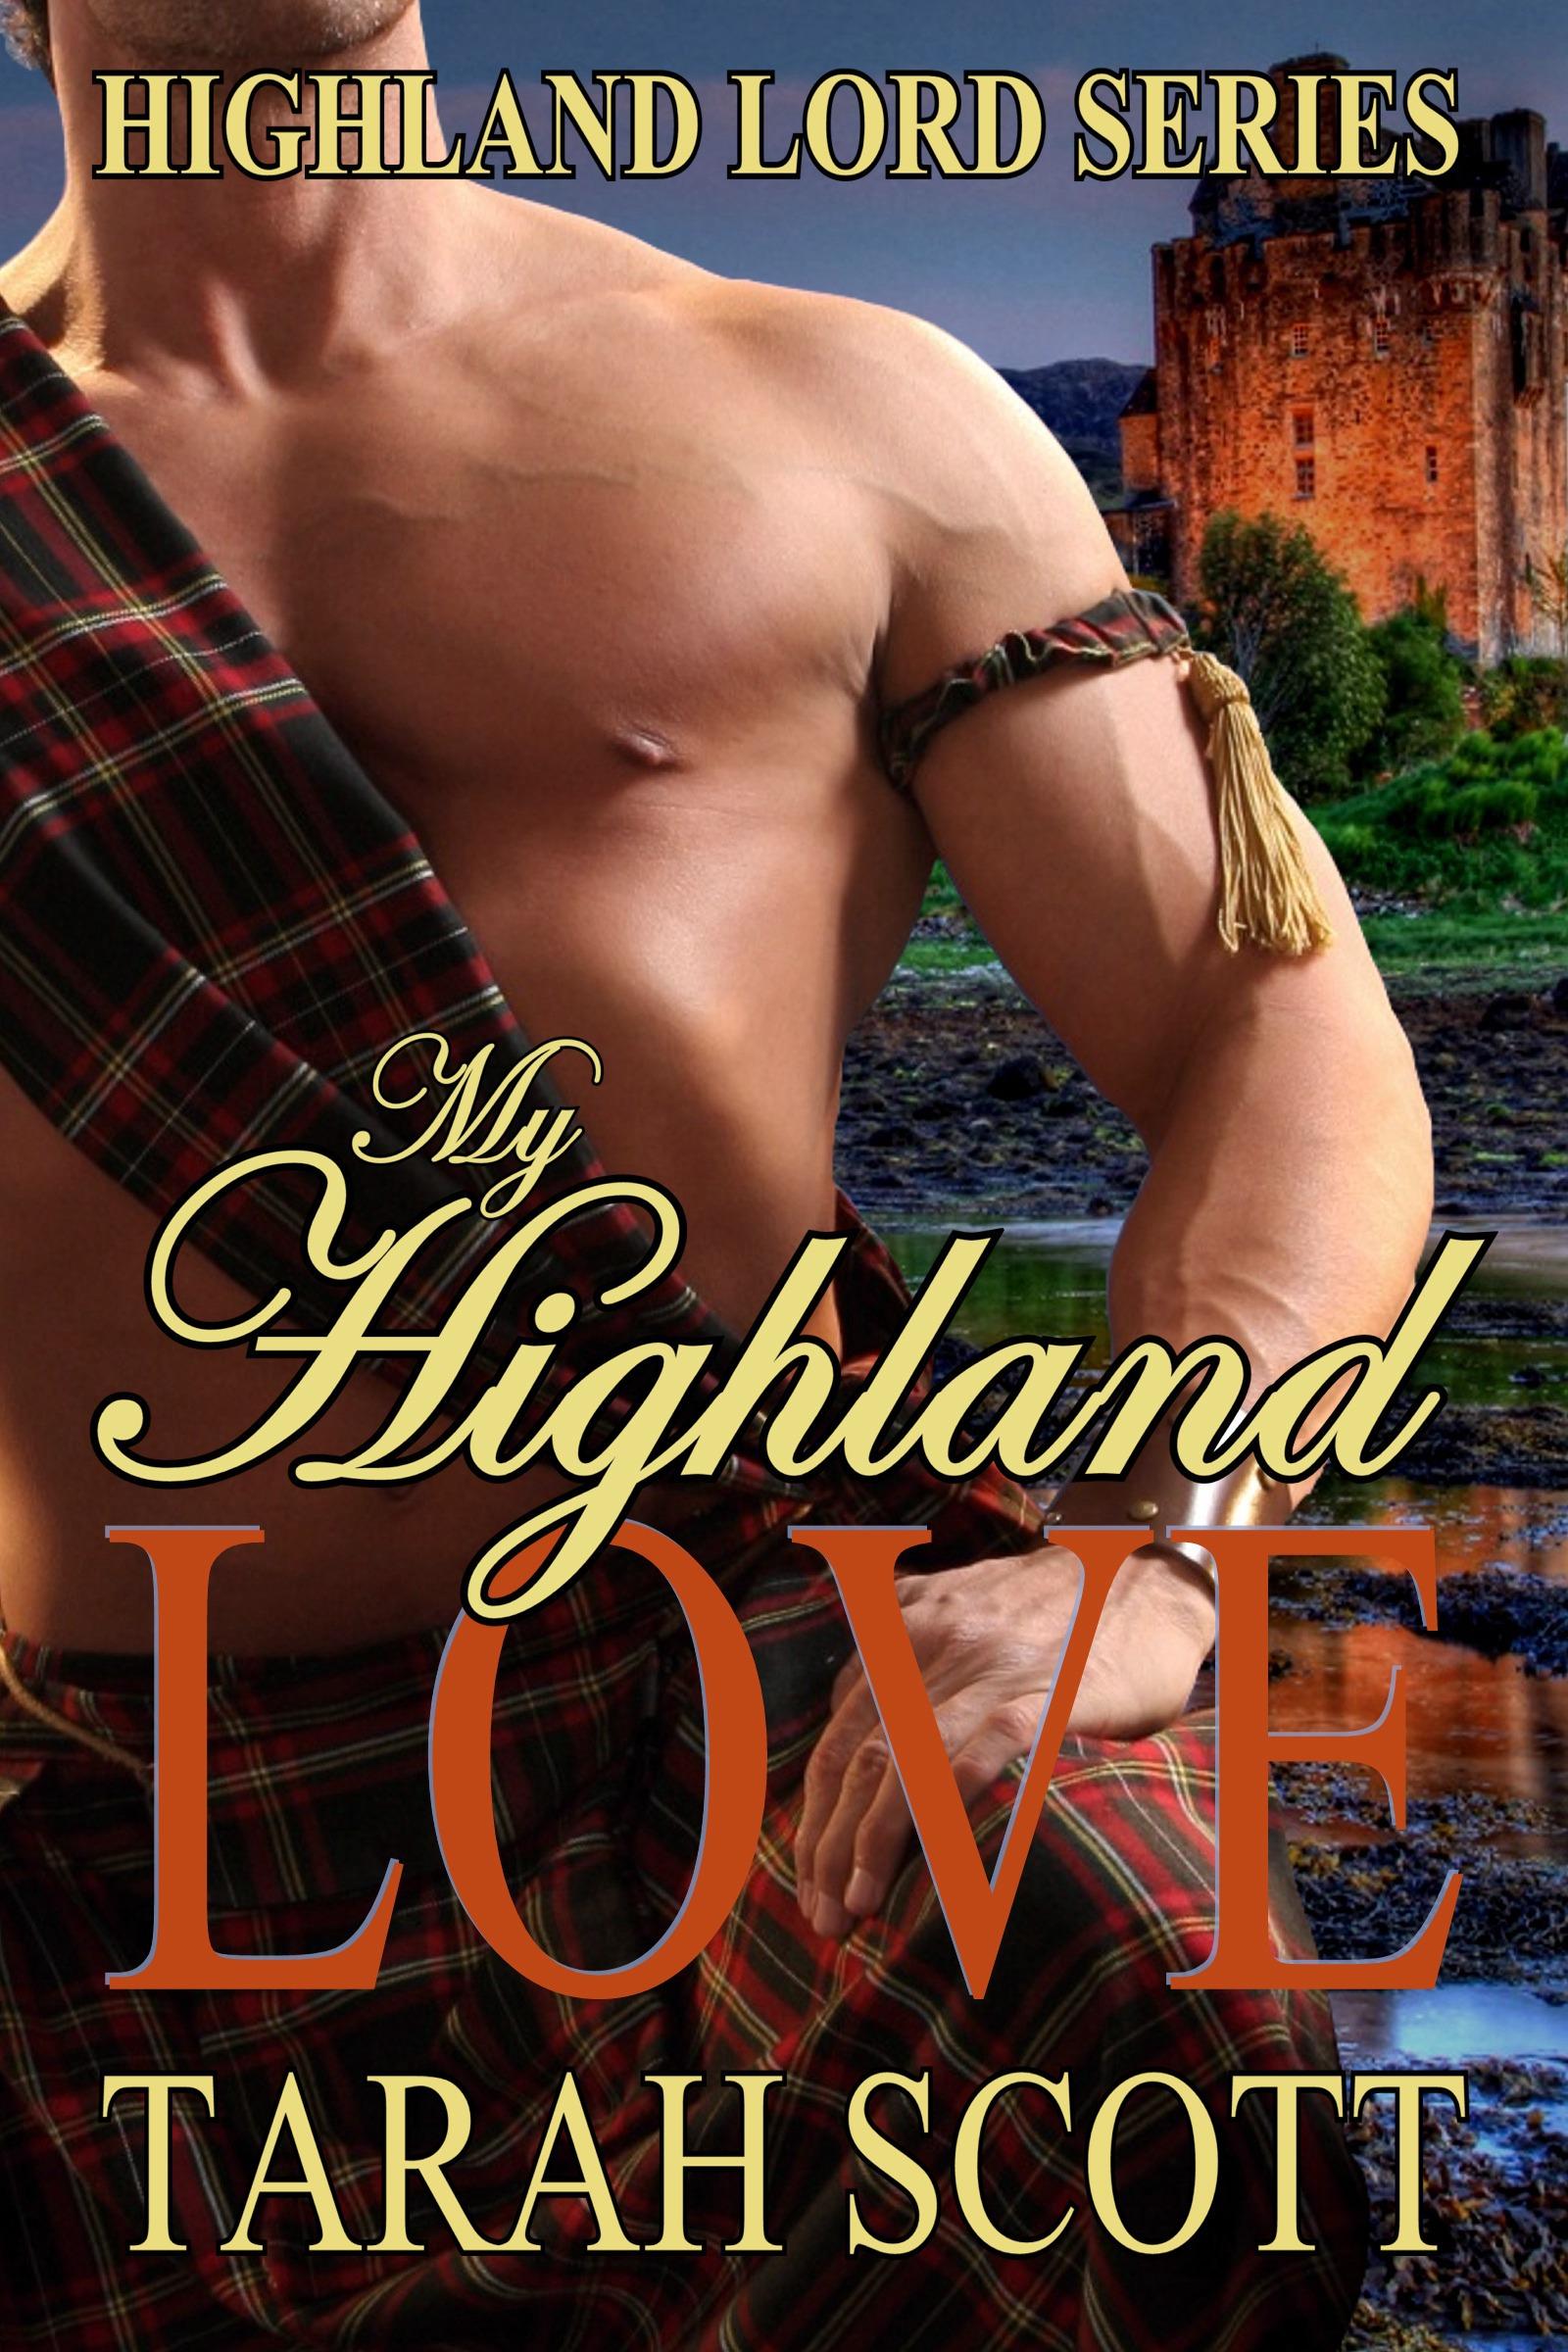 Tarah Scott - My Highland Love